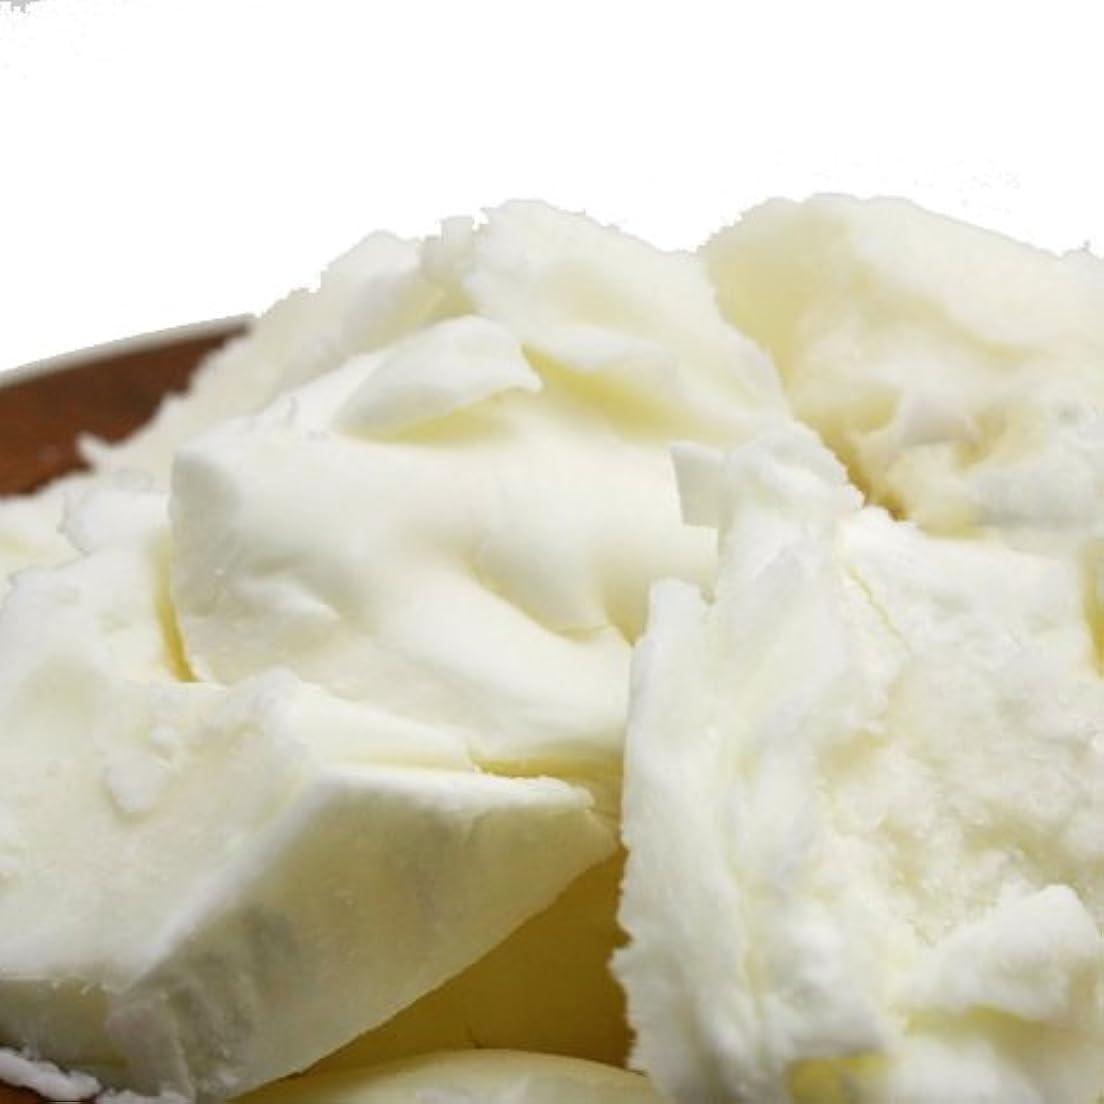 嘆願安全作り上げる精製シアバター 100g シア脂 【手作り石鹸/手作りコスメ/手作り化粧品】